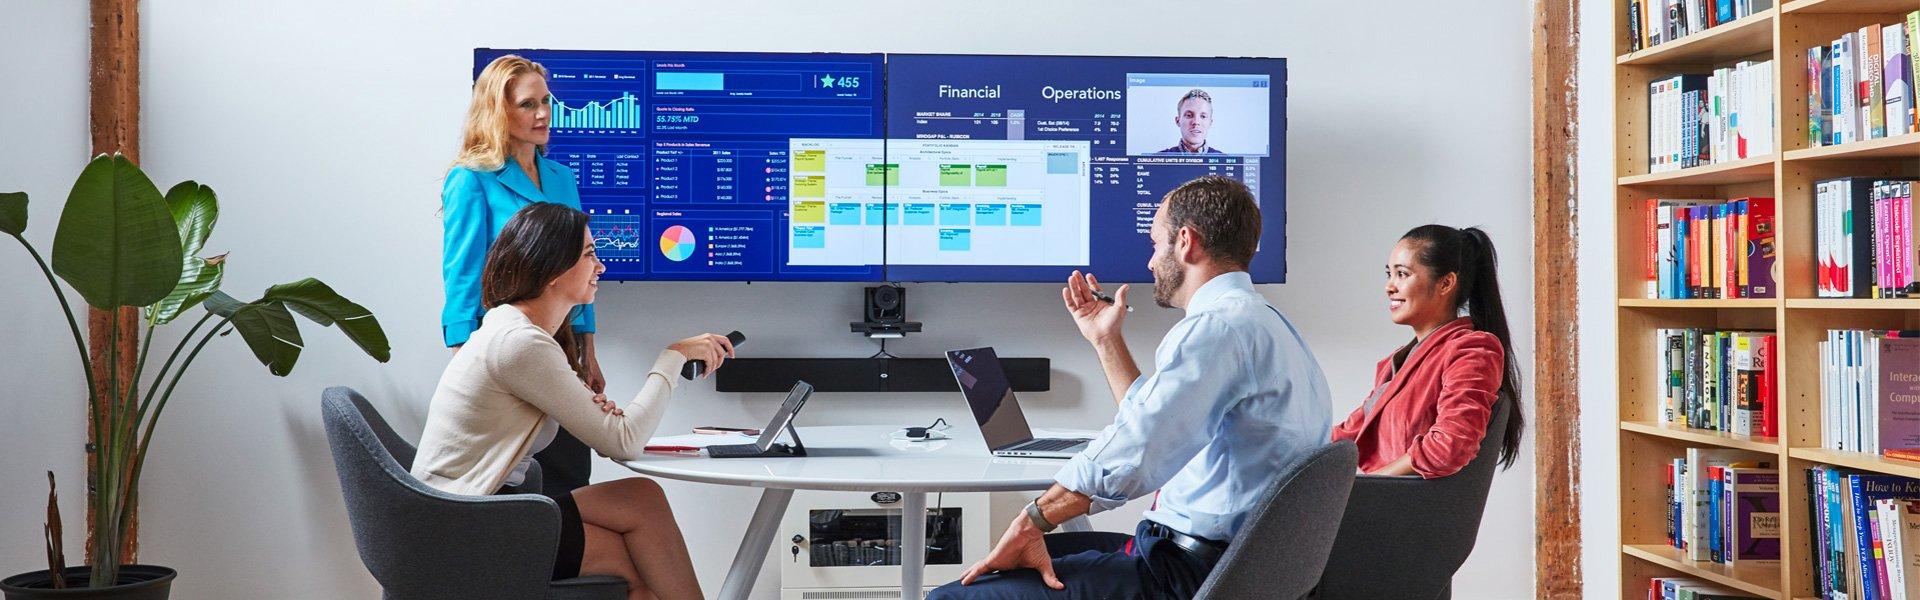 Oblong Mezzanine System mit zwei Displays in Sitzungszimmer mit vier Personen am Tisch die etwas miteinander besprechen